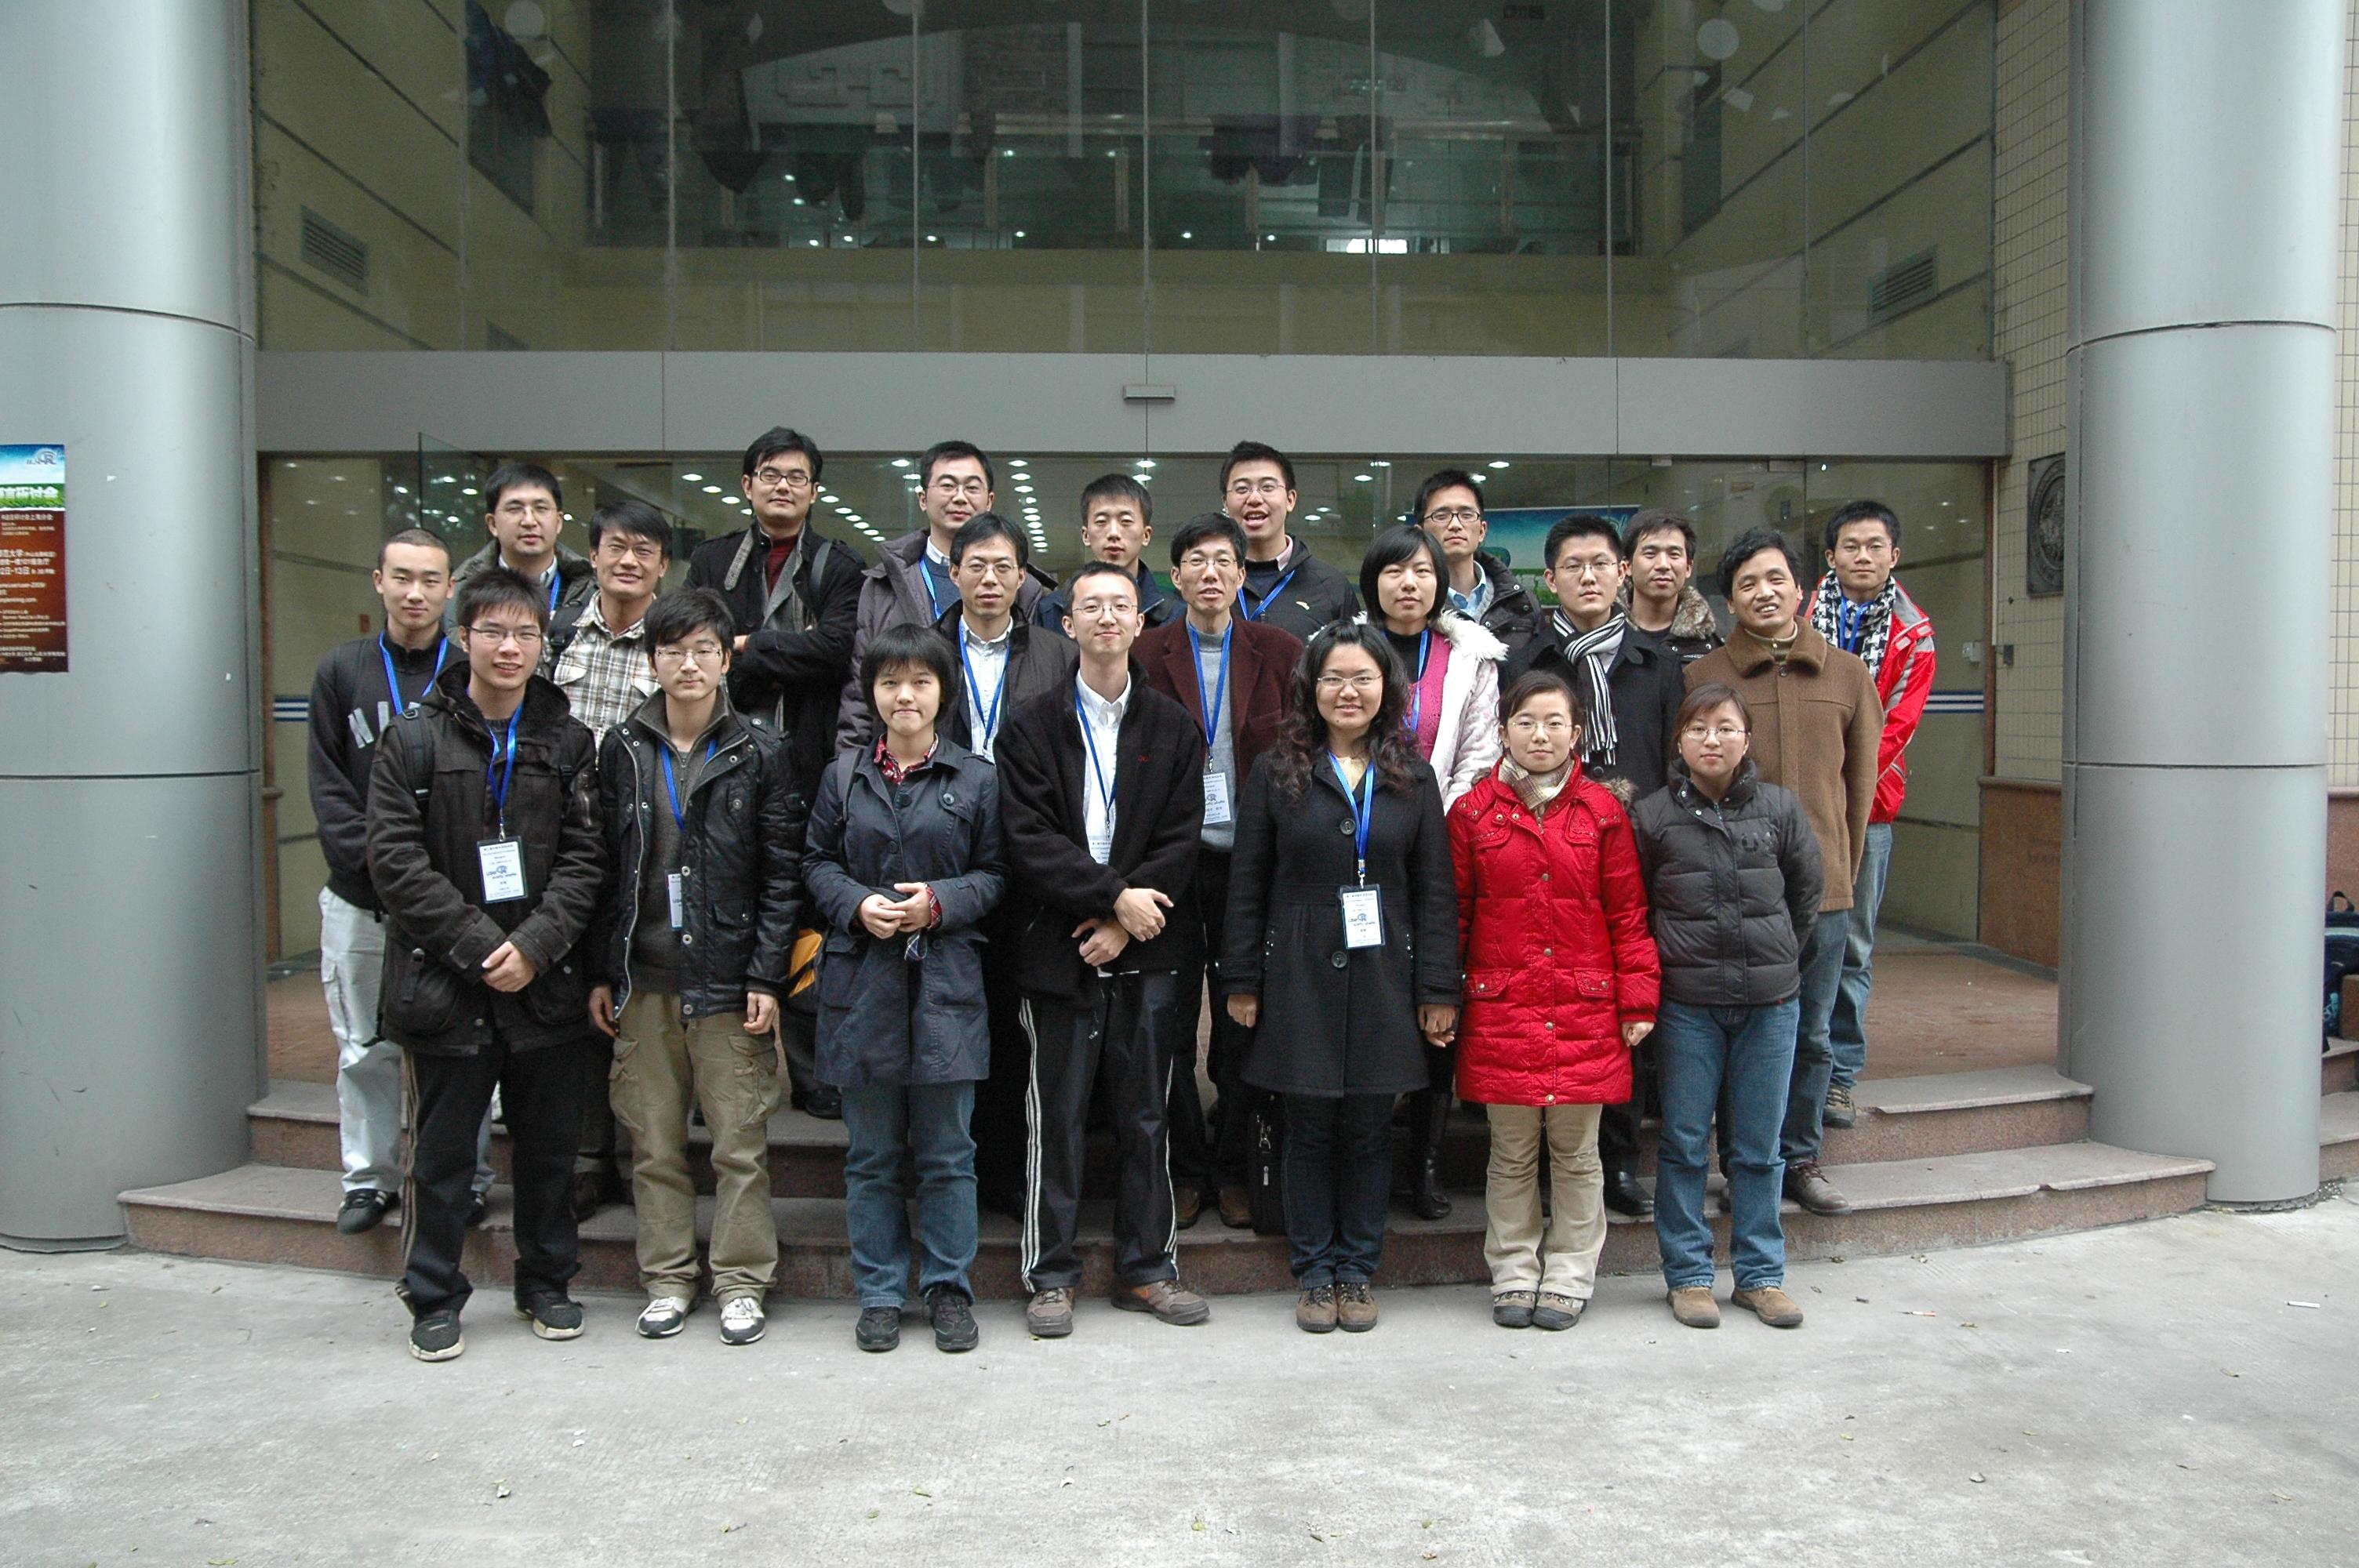 第二届中国R语言会议上海会场演讲者和工作人员合影